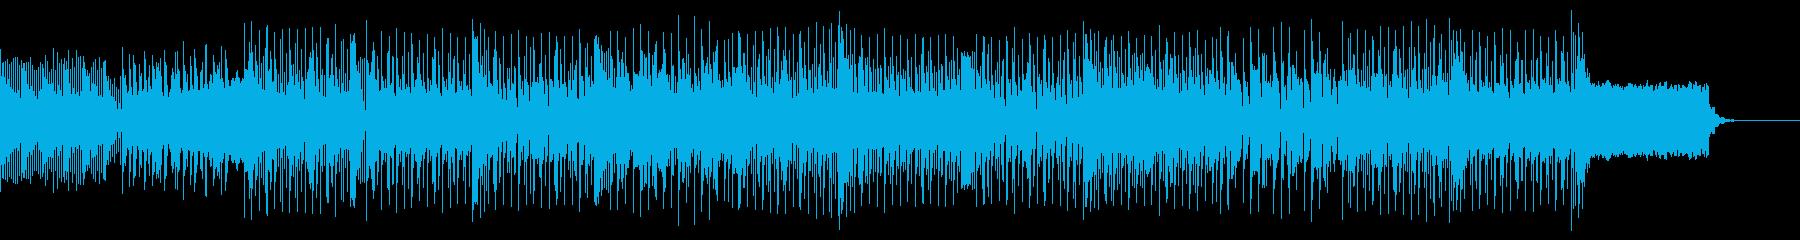 無機質な感じのテクノハウス系BGMの再生済みの波形